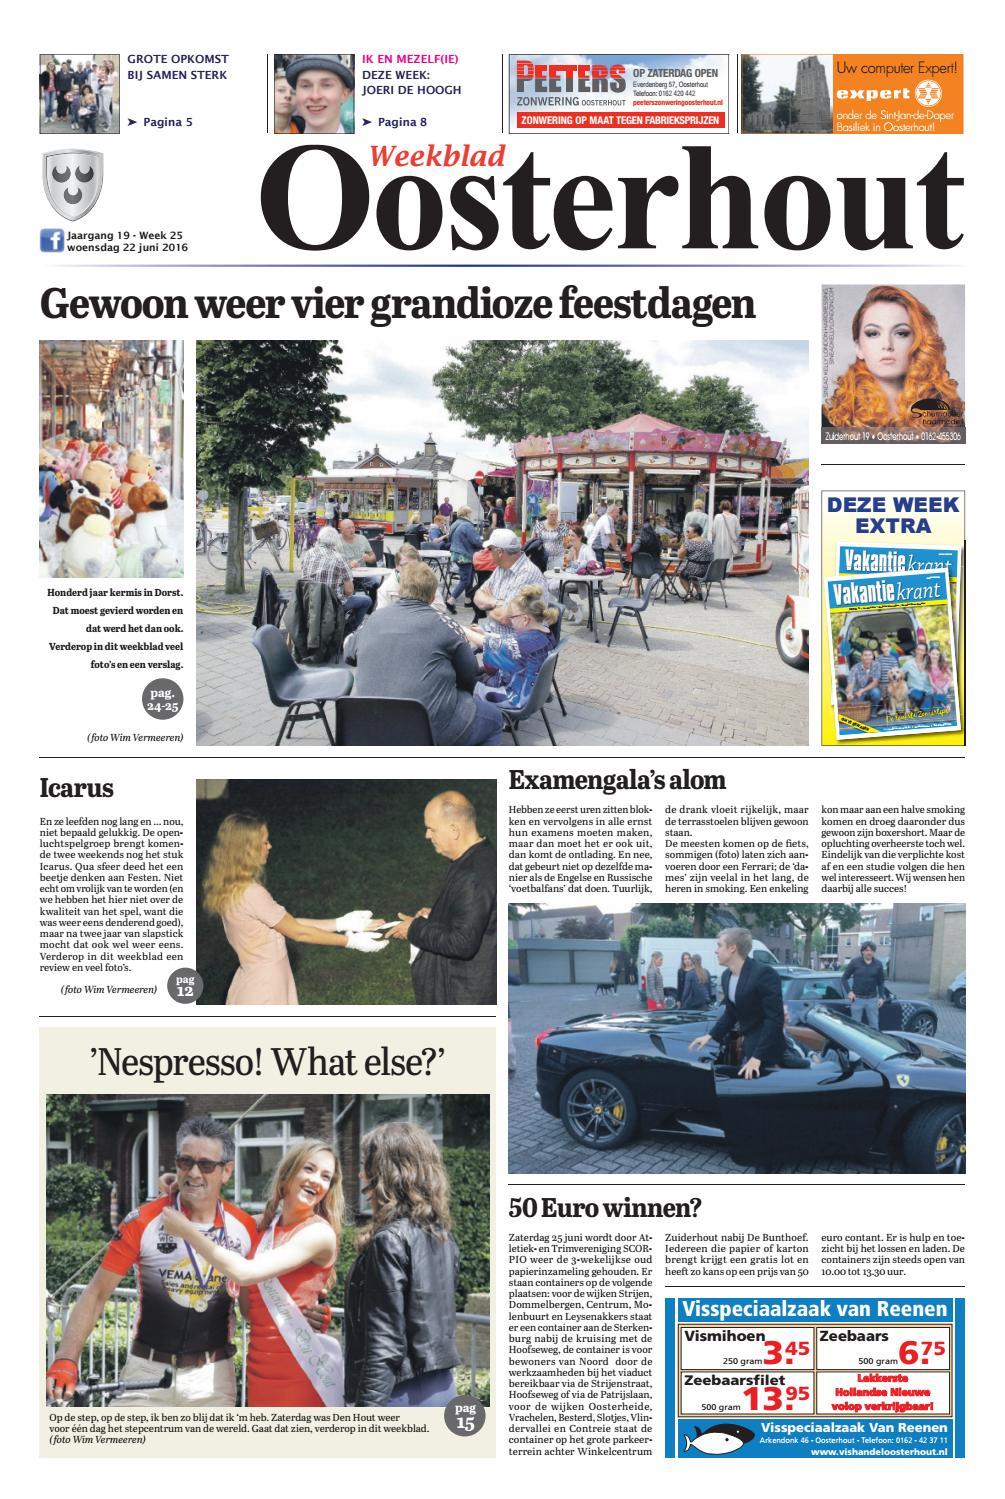 Weekblad oosterhout 22 06 2016 by uitgeverij em de jong for Nassau indus deur bv oosterhout